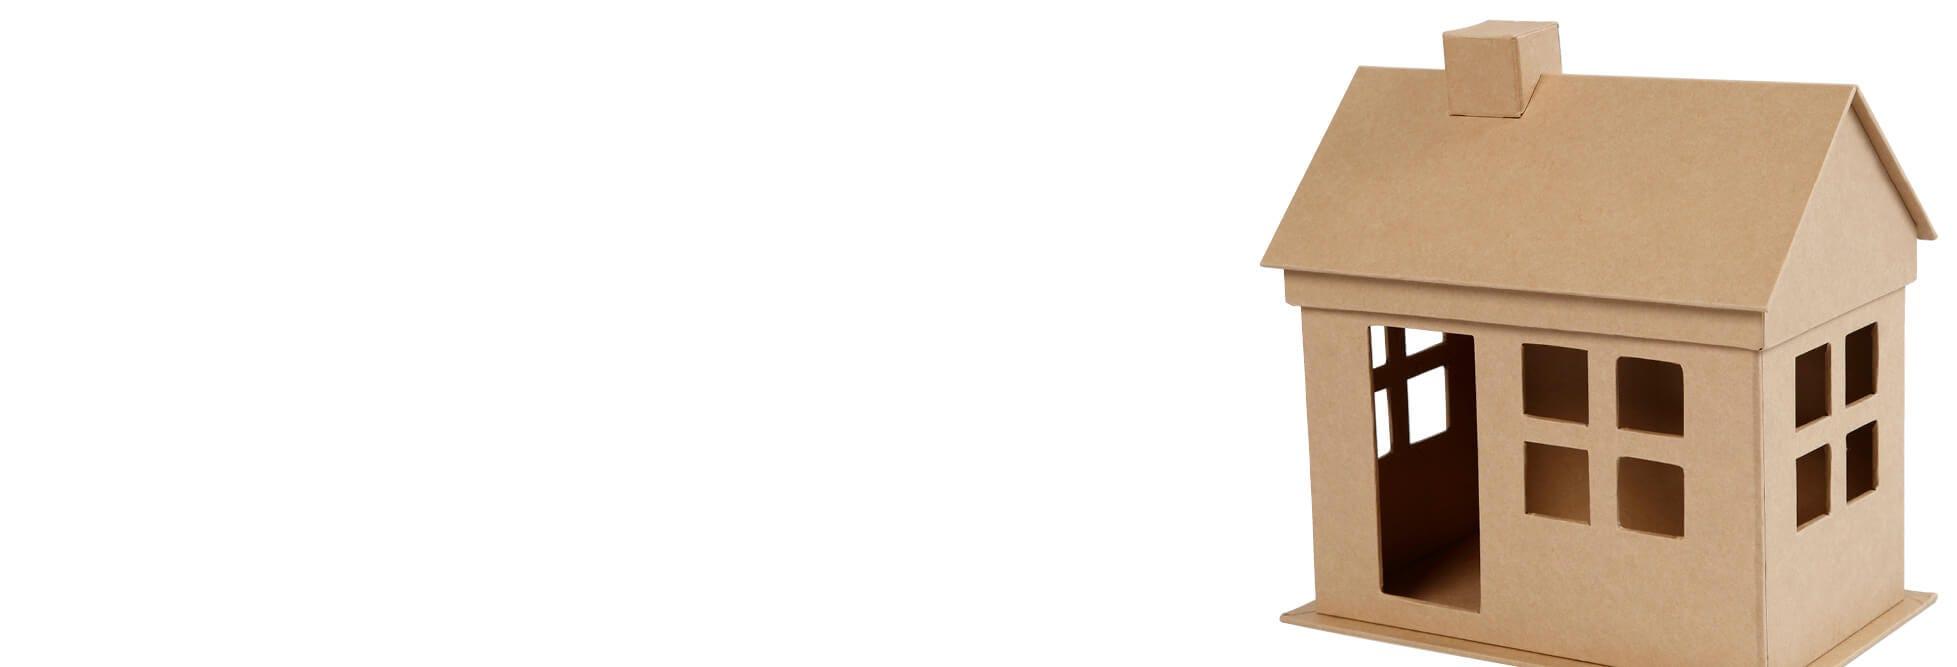 Deko-Häuser und -Fahrzeuge